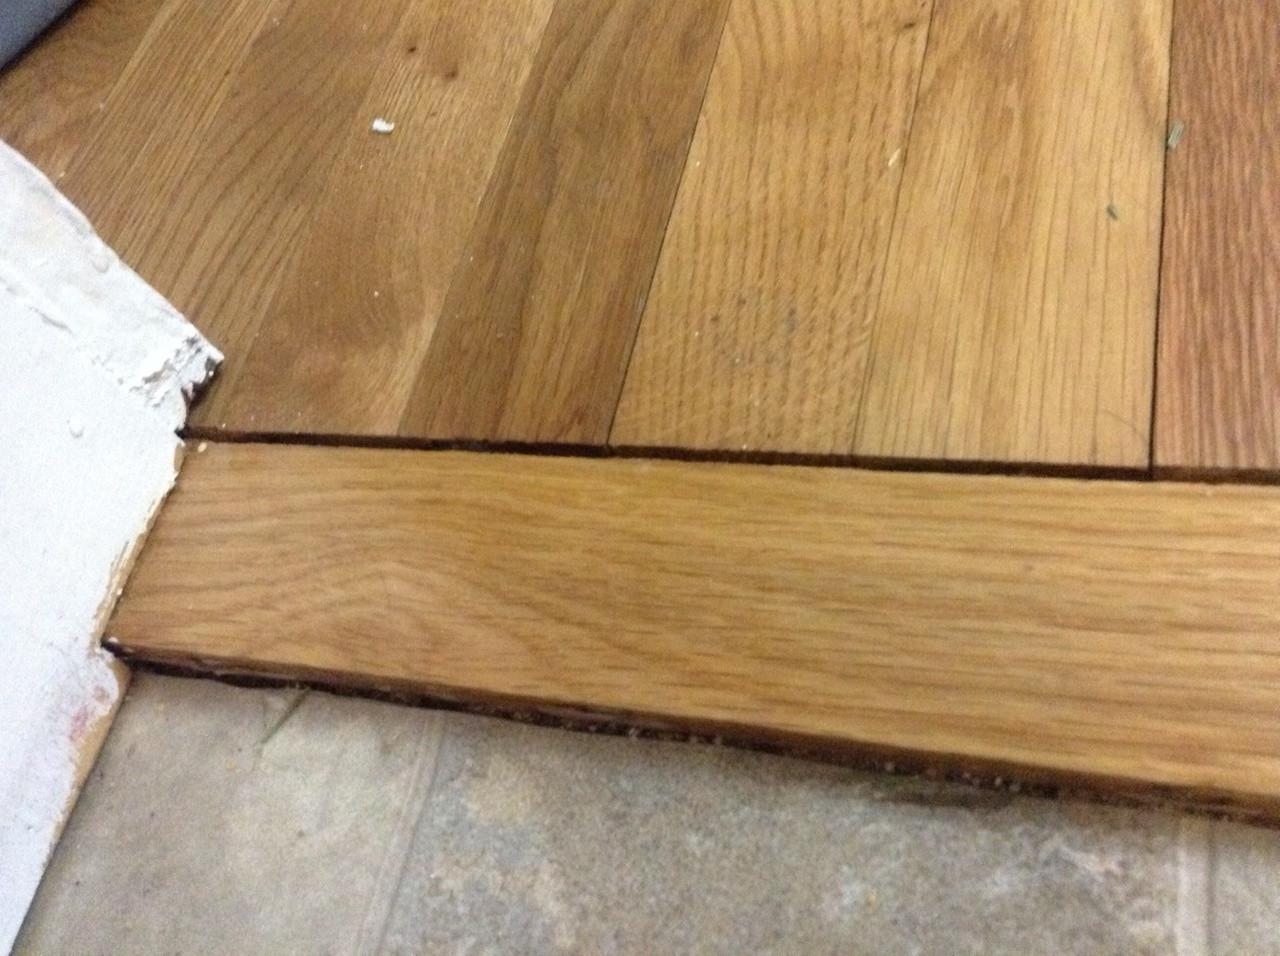 Best Wood Filler for Hardwood Floors Of Wood Floor Techniques 101 Intended for Gap Shrinkage Cork